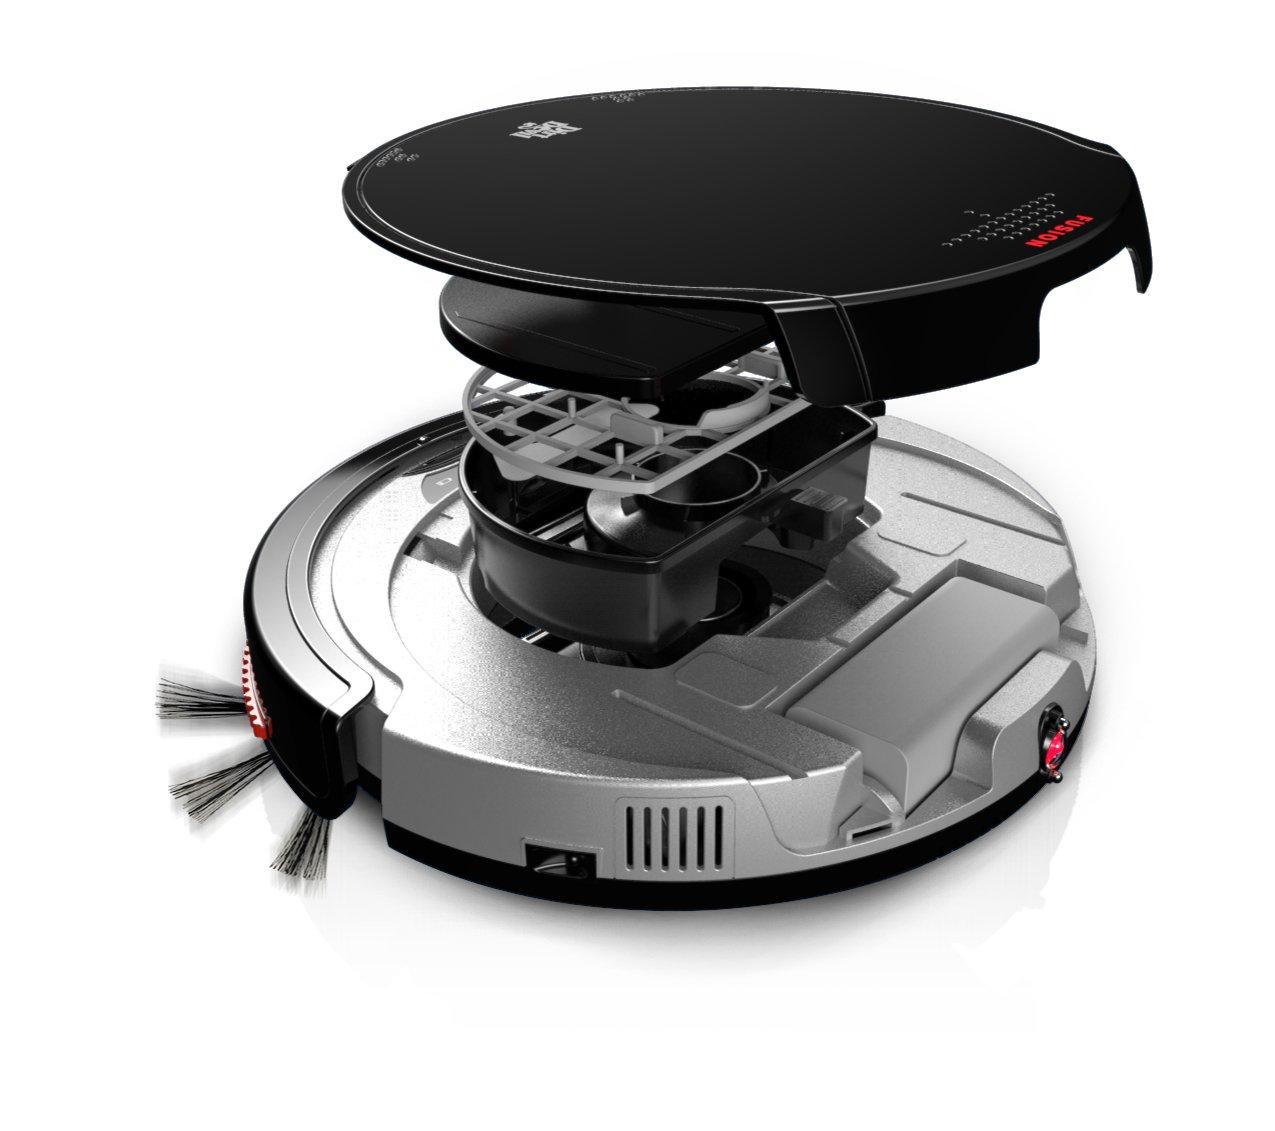 Dirt Devil Fusion 0.24L Negro, Plata aspiradora robotizada - Aspiradoras robotizadas (Negro, Plata, Alrededor, 0,24 L, Alfombra, Níquel-metal hidruro (NiMH) ...